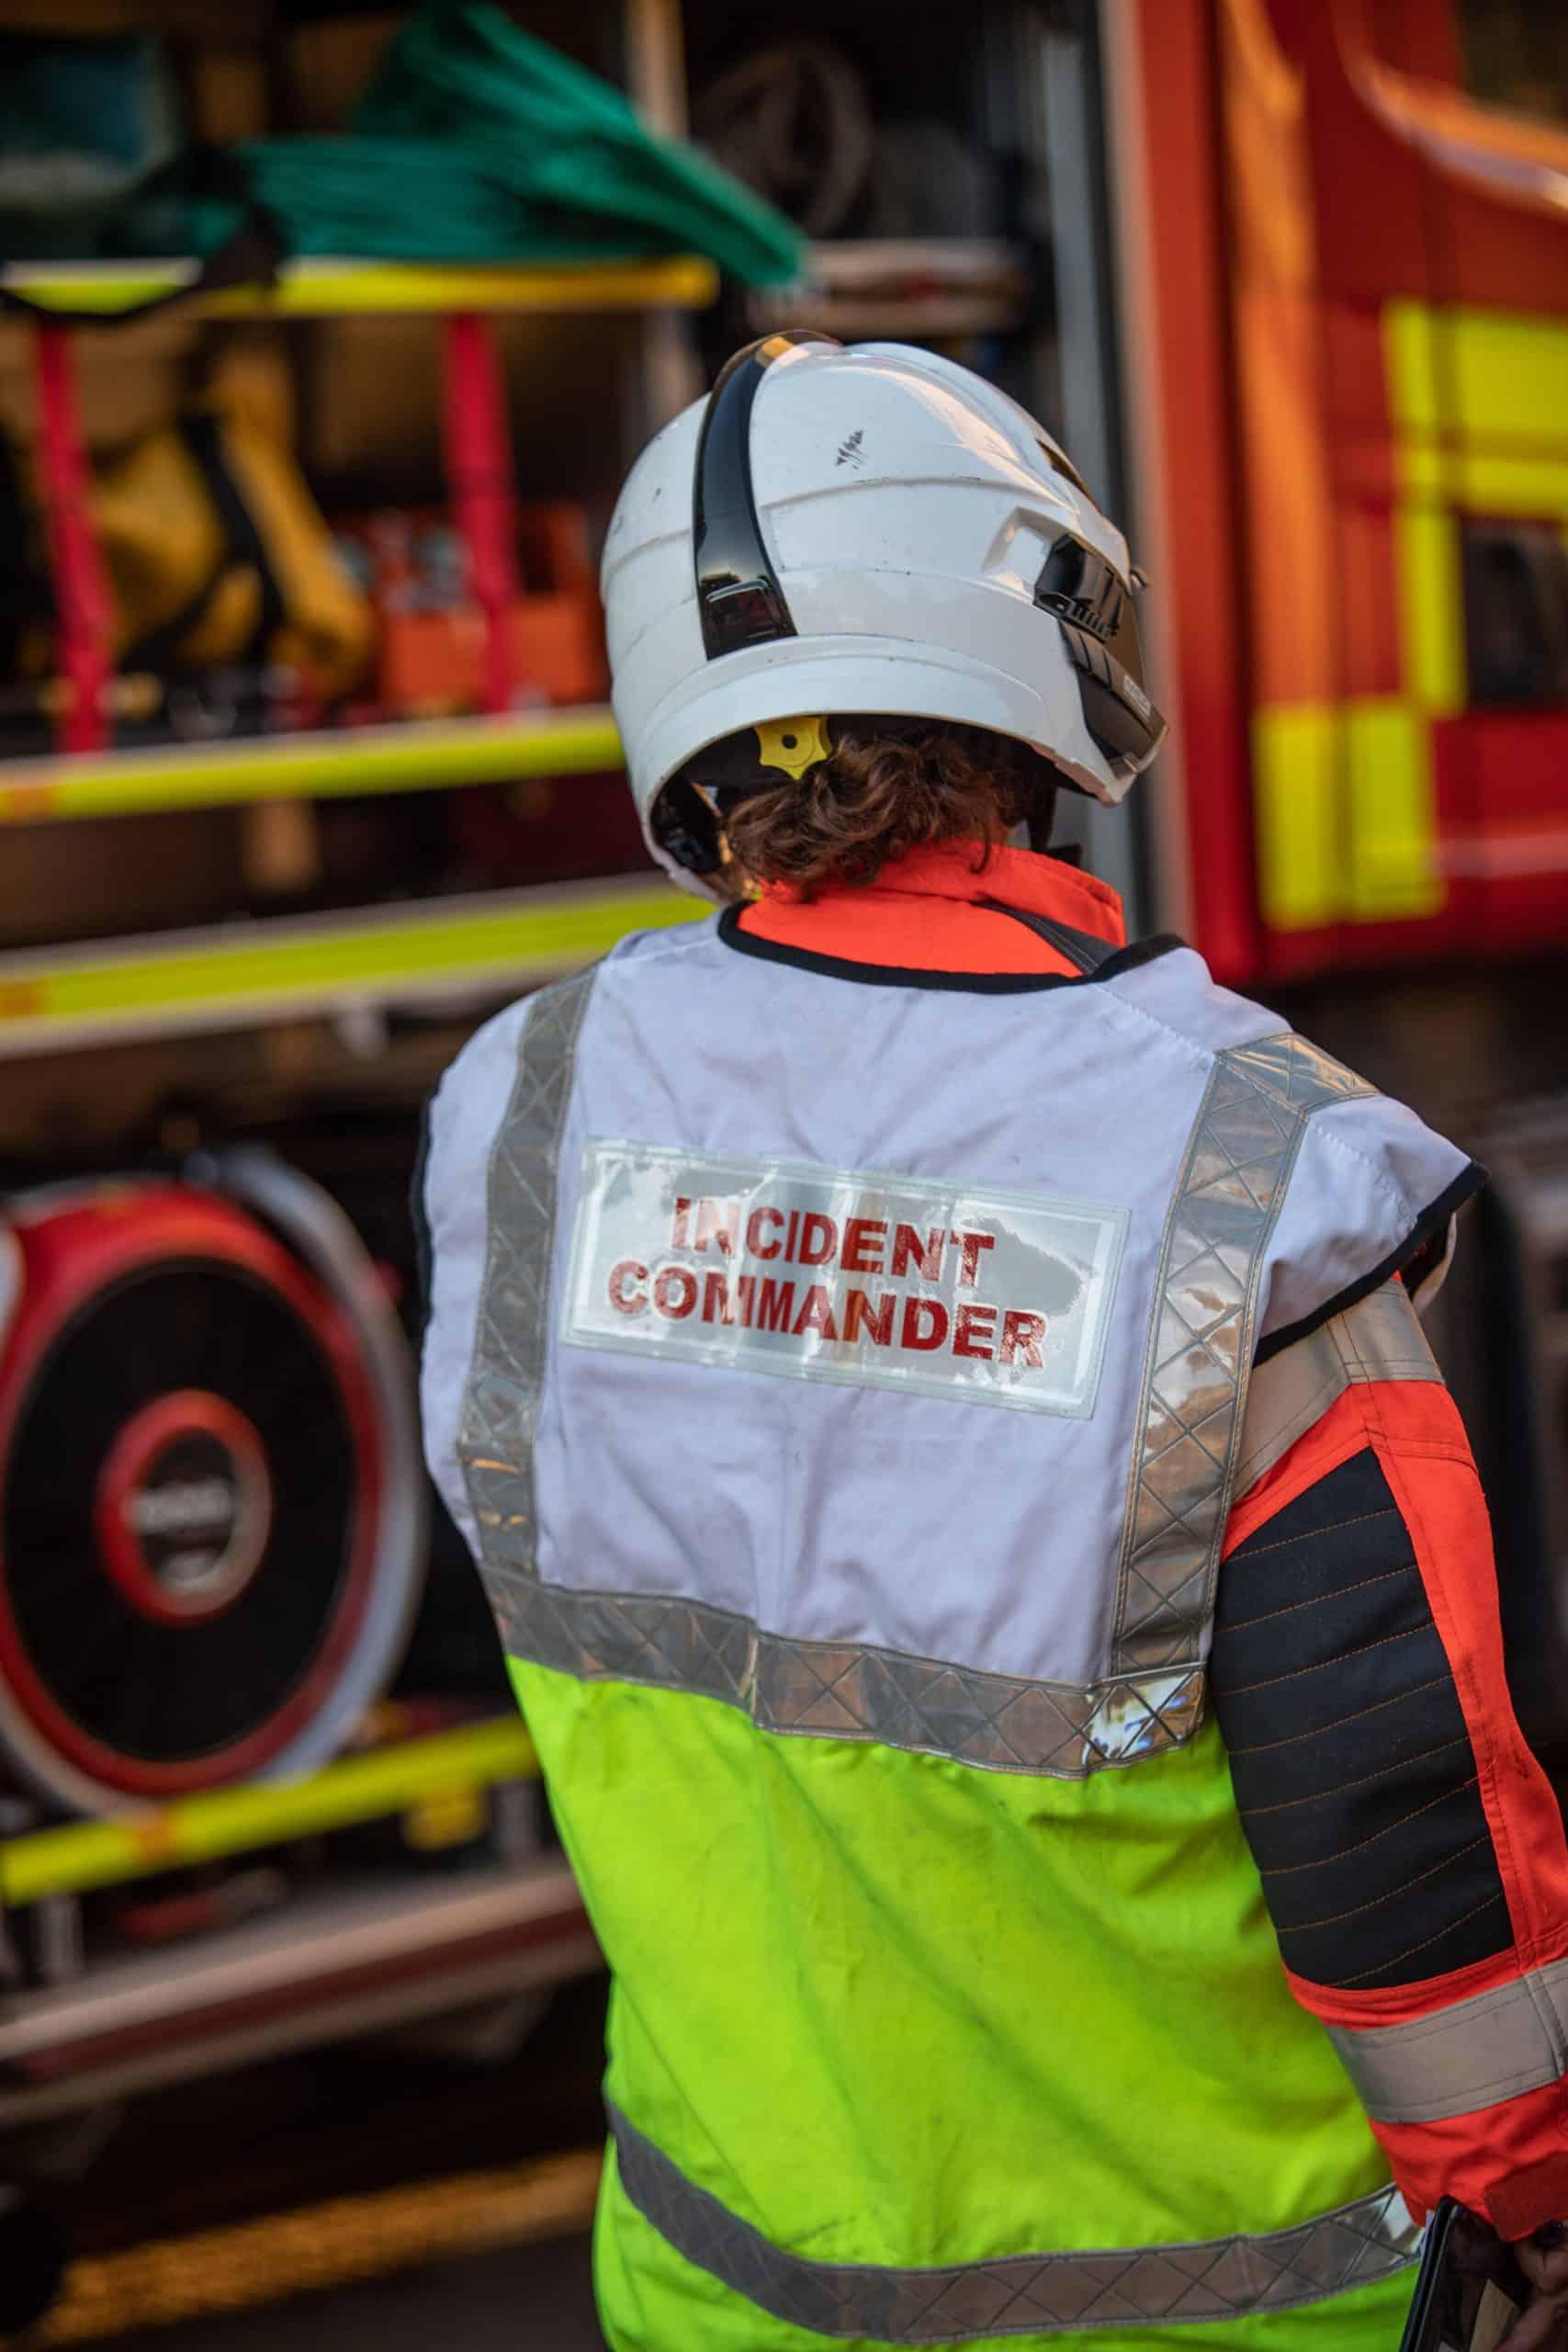 Cambridgeshire FRS fireground radio communications upgrade - image credit Cambridgeshire FRS